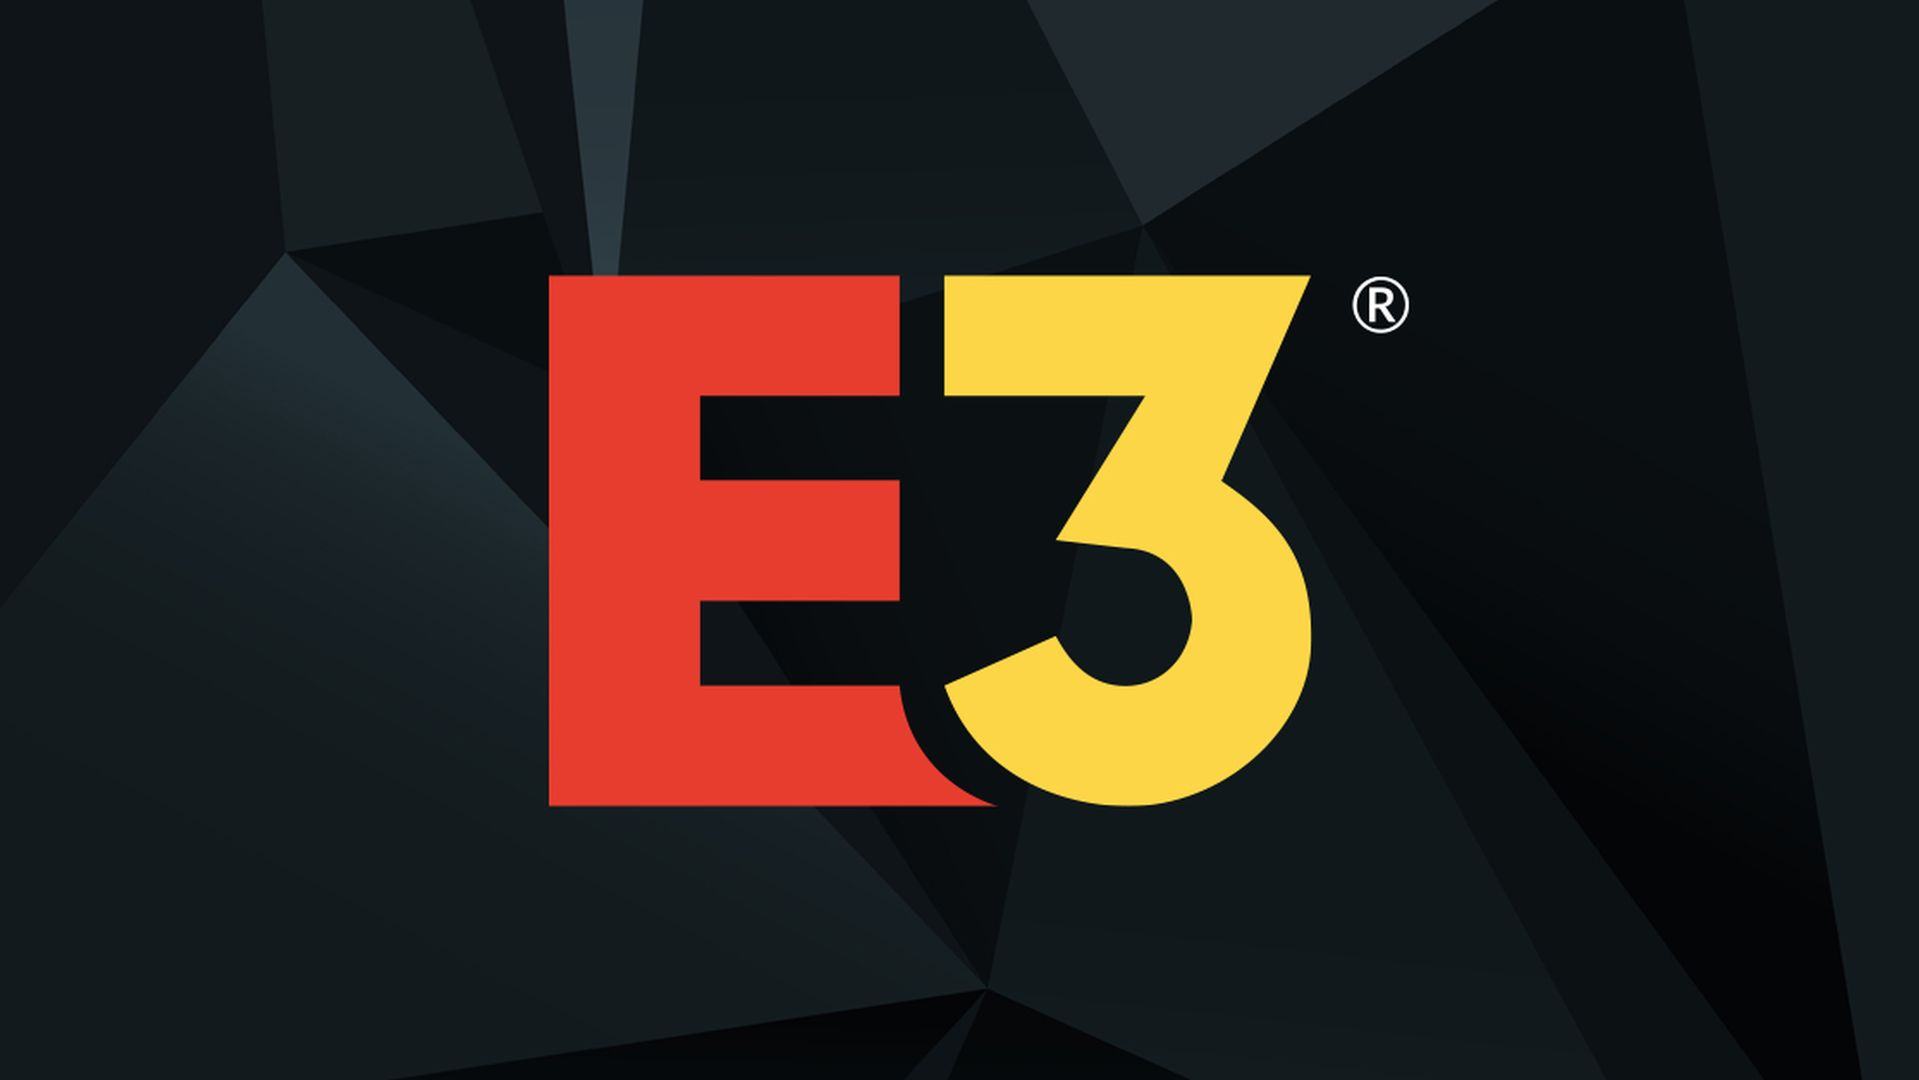 Bekræftet - E3 2021 afholdes online i juni